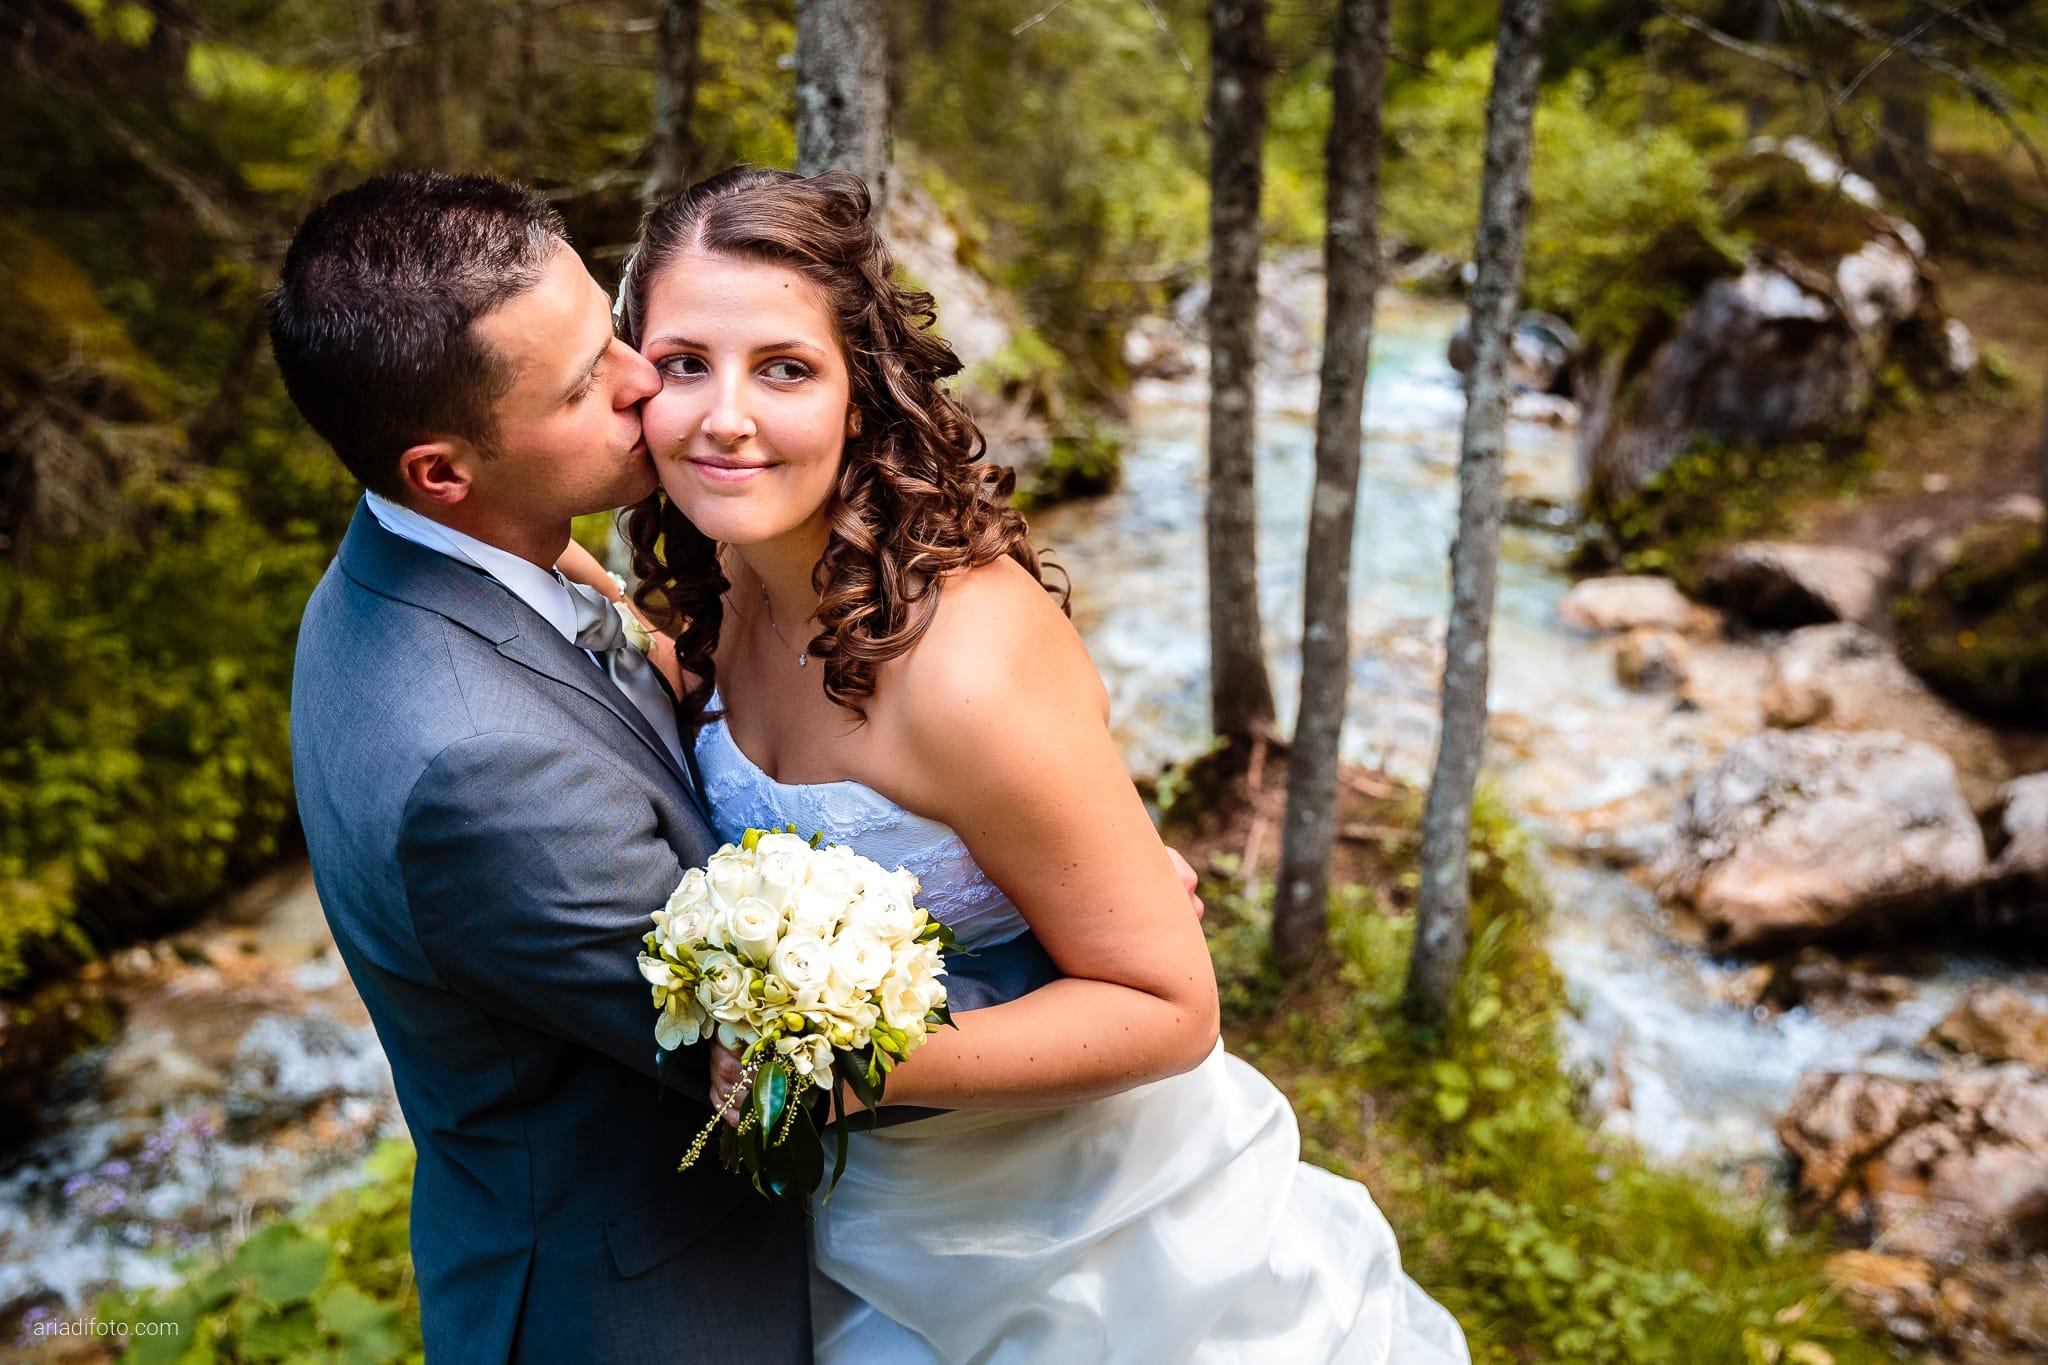 Elisa Gabriele matrimonio Veneto Val Zoldana Belluno ritratti sposi palanche sul mae fiume